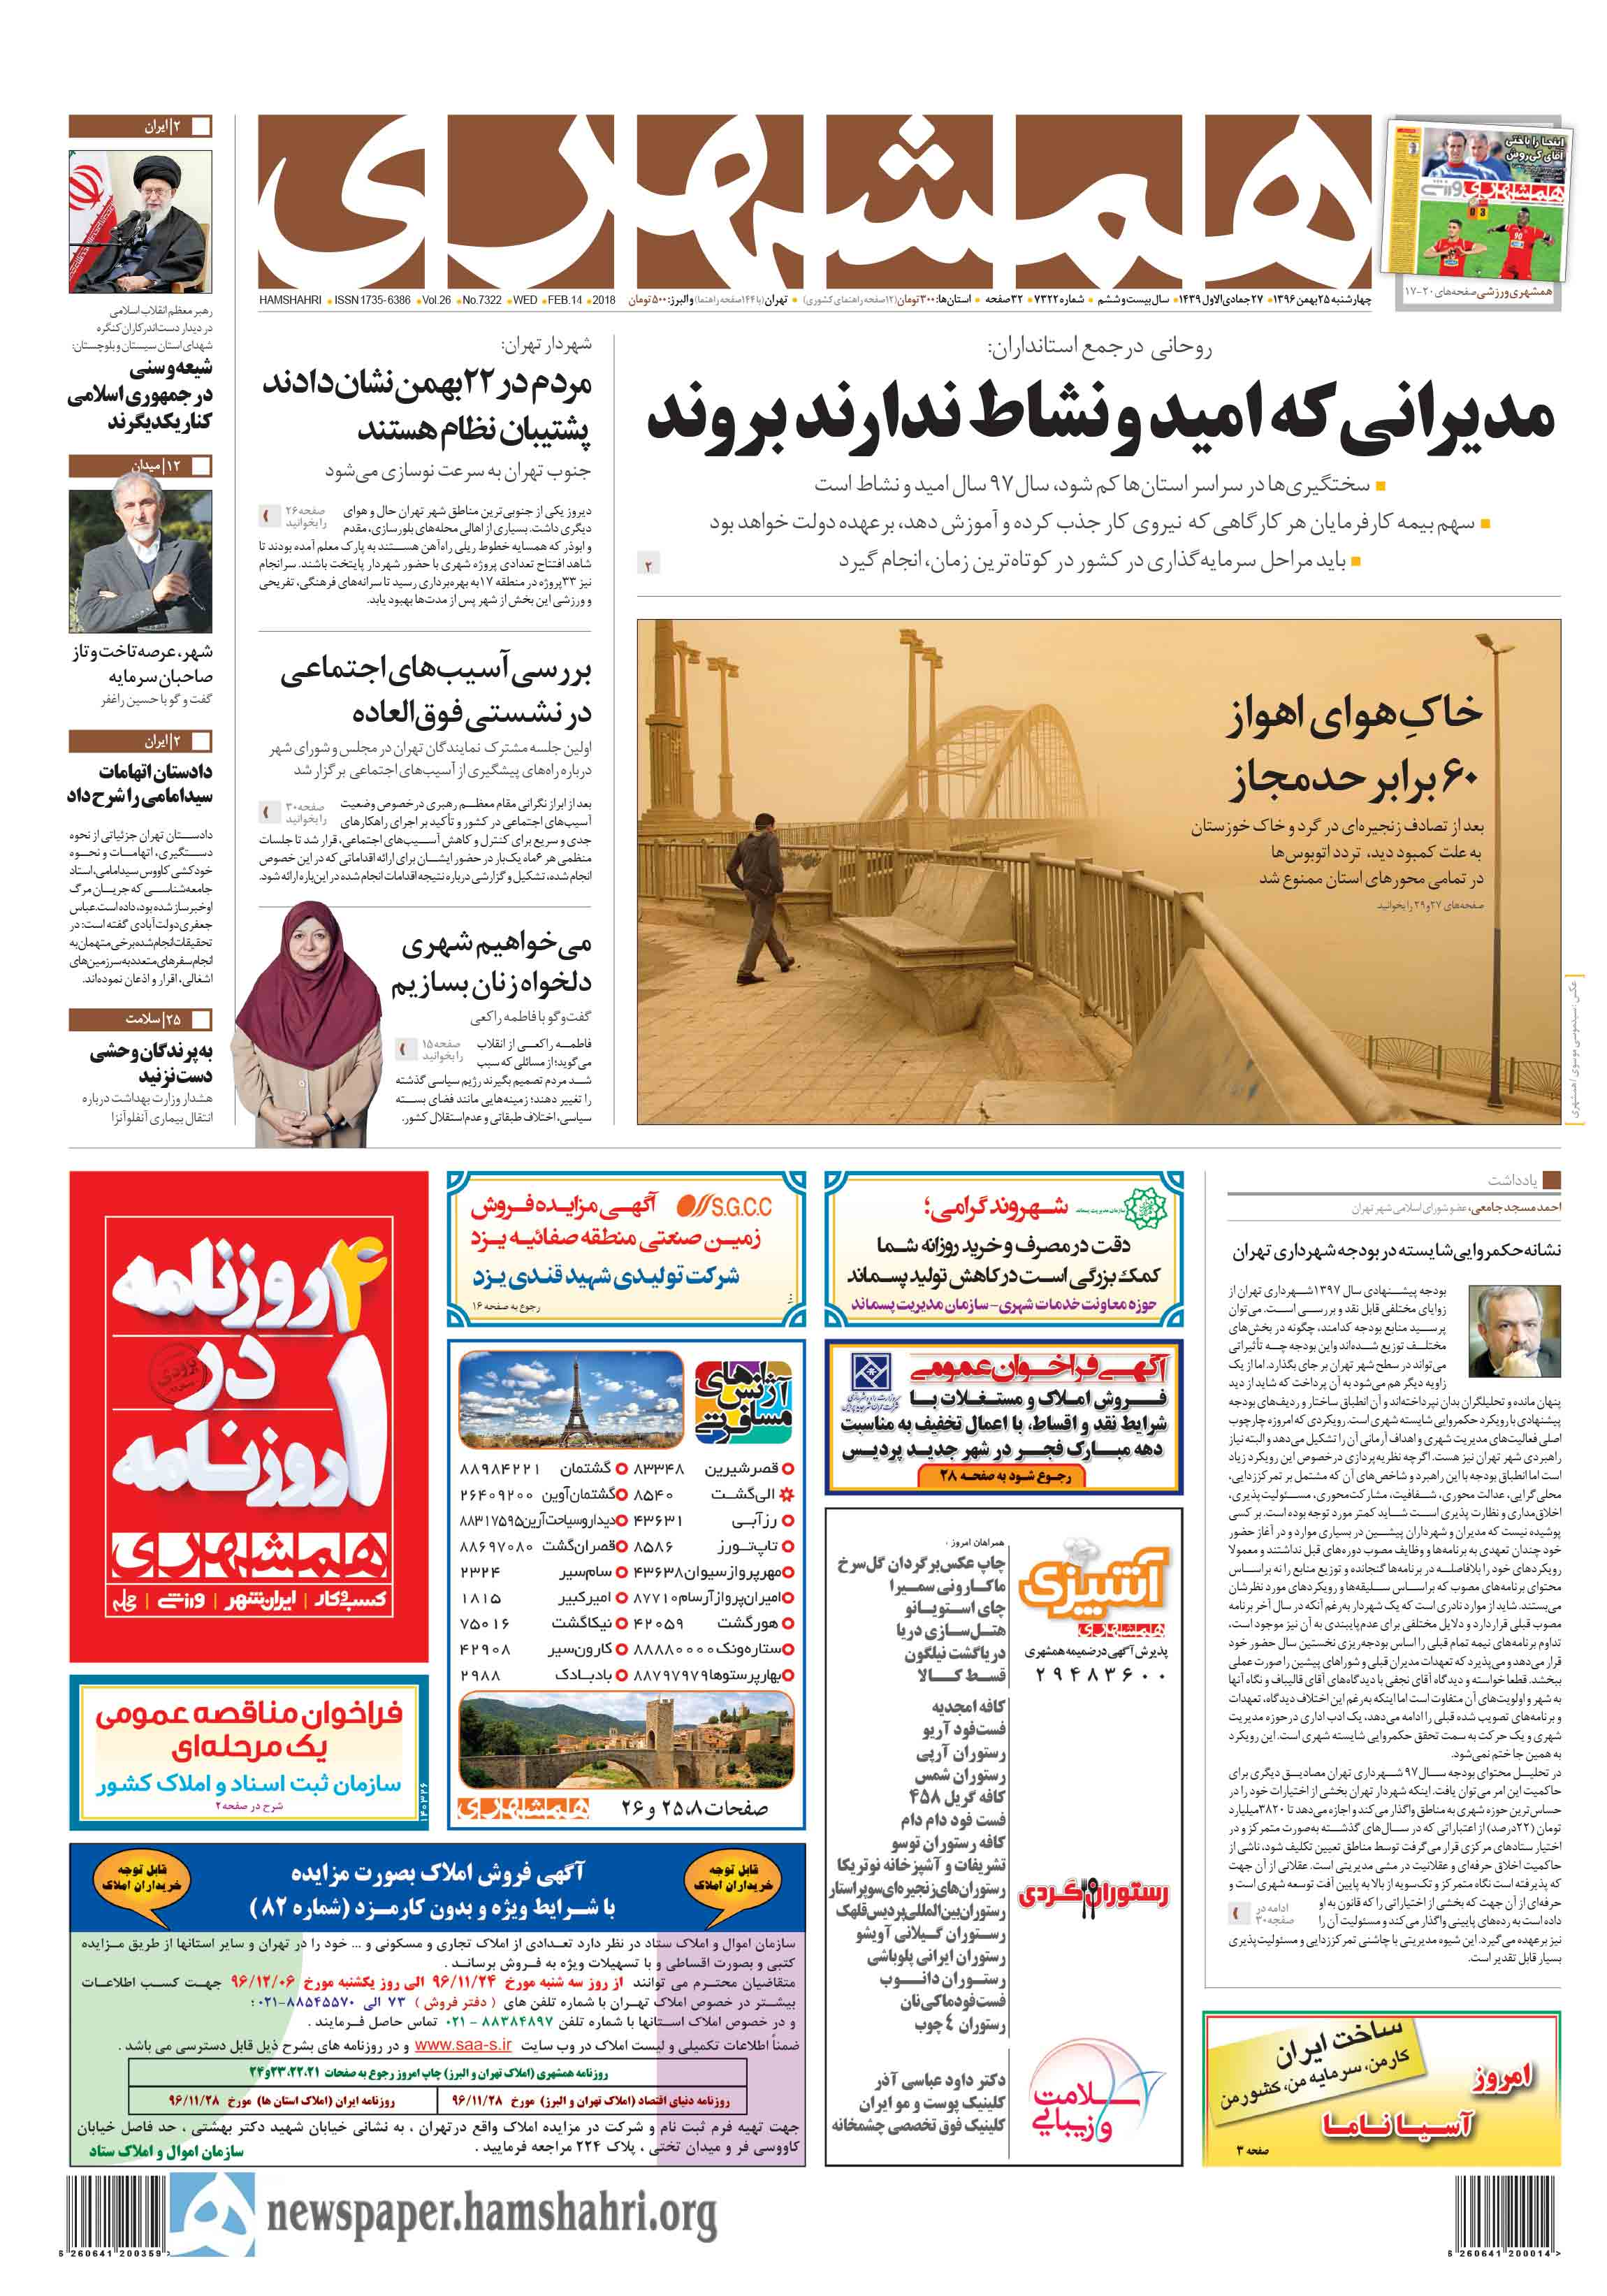 صفحه اول چهارشنبه 25 بهمنماه 1396